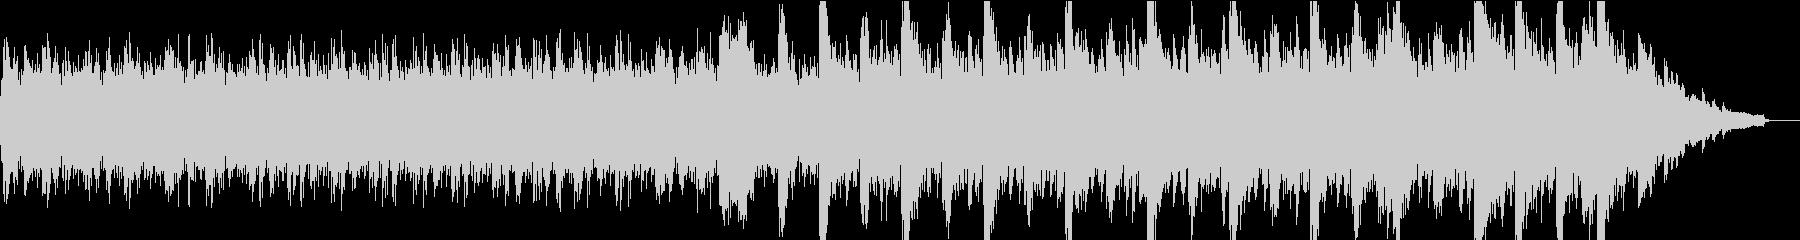 現代的な和風管弦楽⑤高音弦と金管なしの未再生の波形